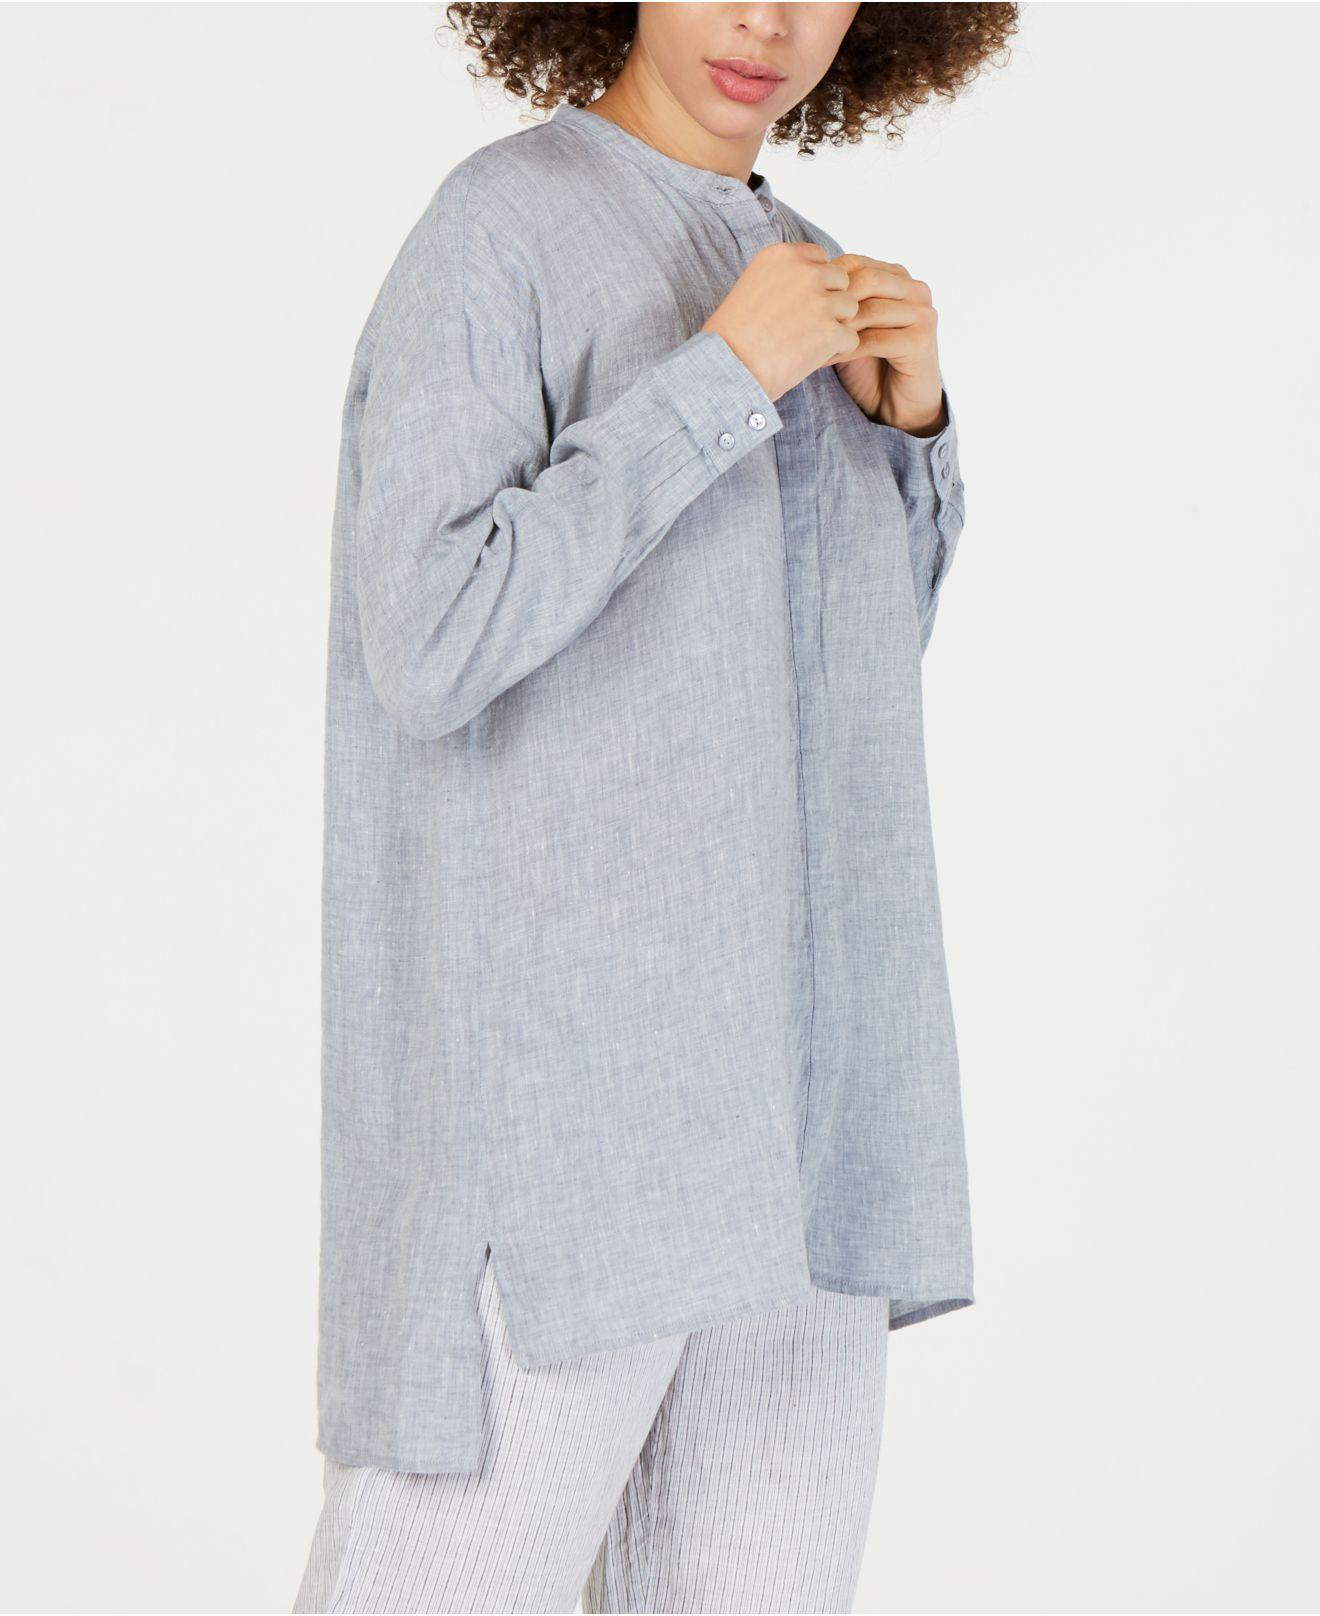 64004b60917 Eileen Fisher. Women's Organic Linen Mandarin-collar Shirt, Regular & Petite